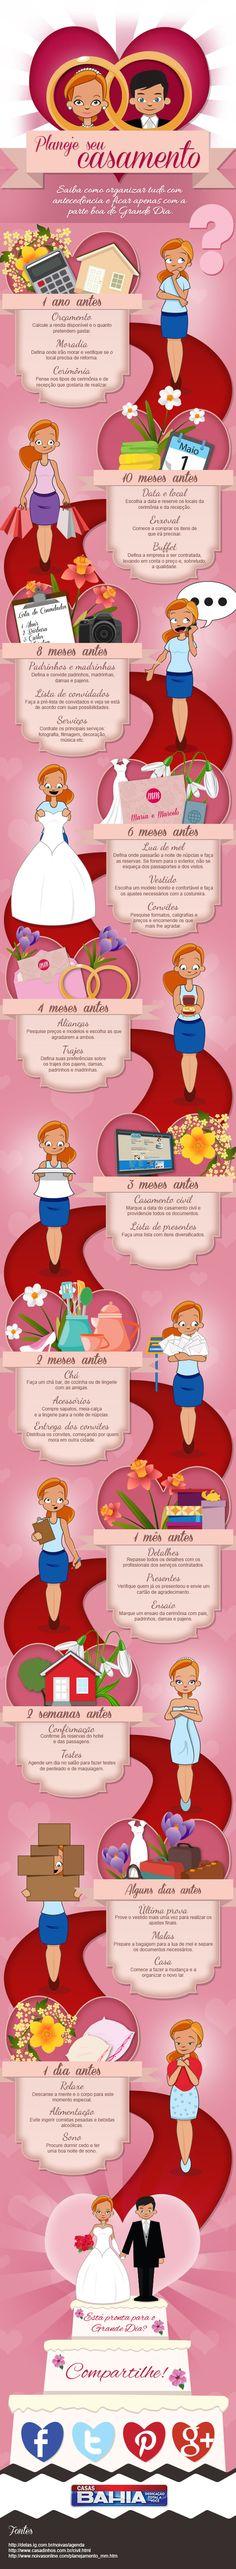 infografico-guia-de-casamento